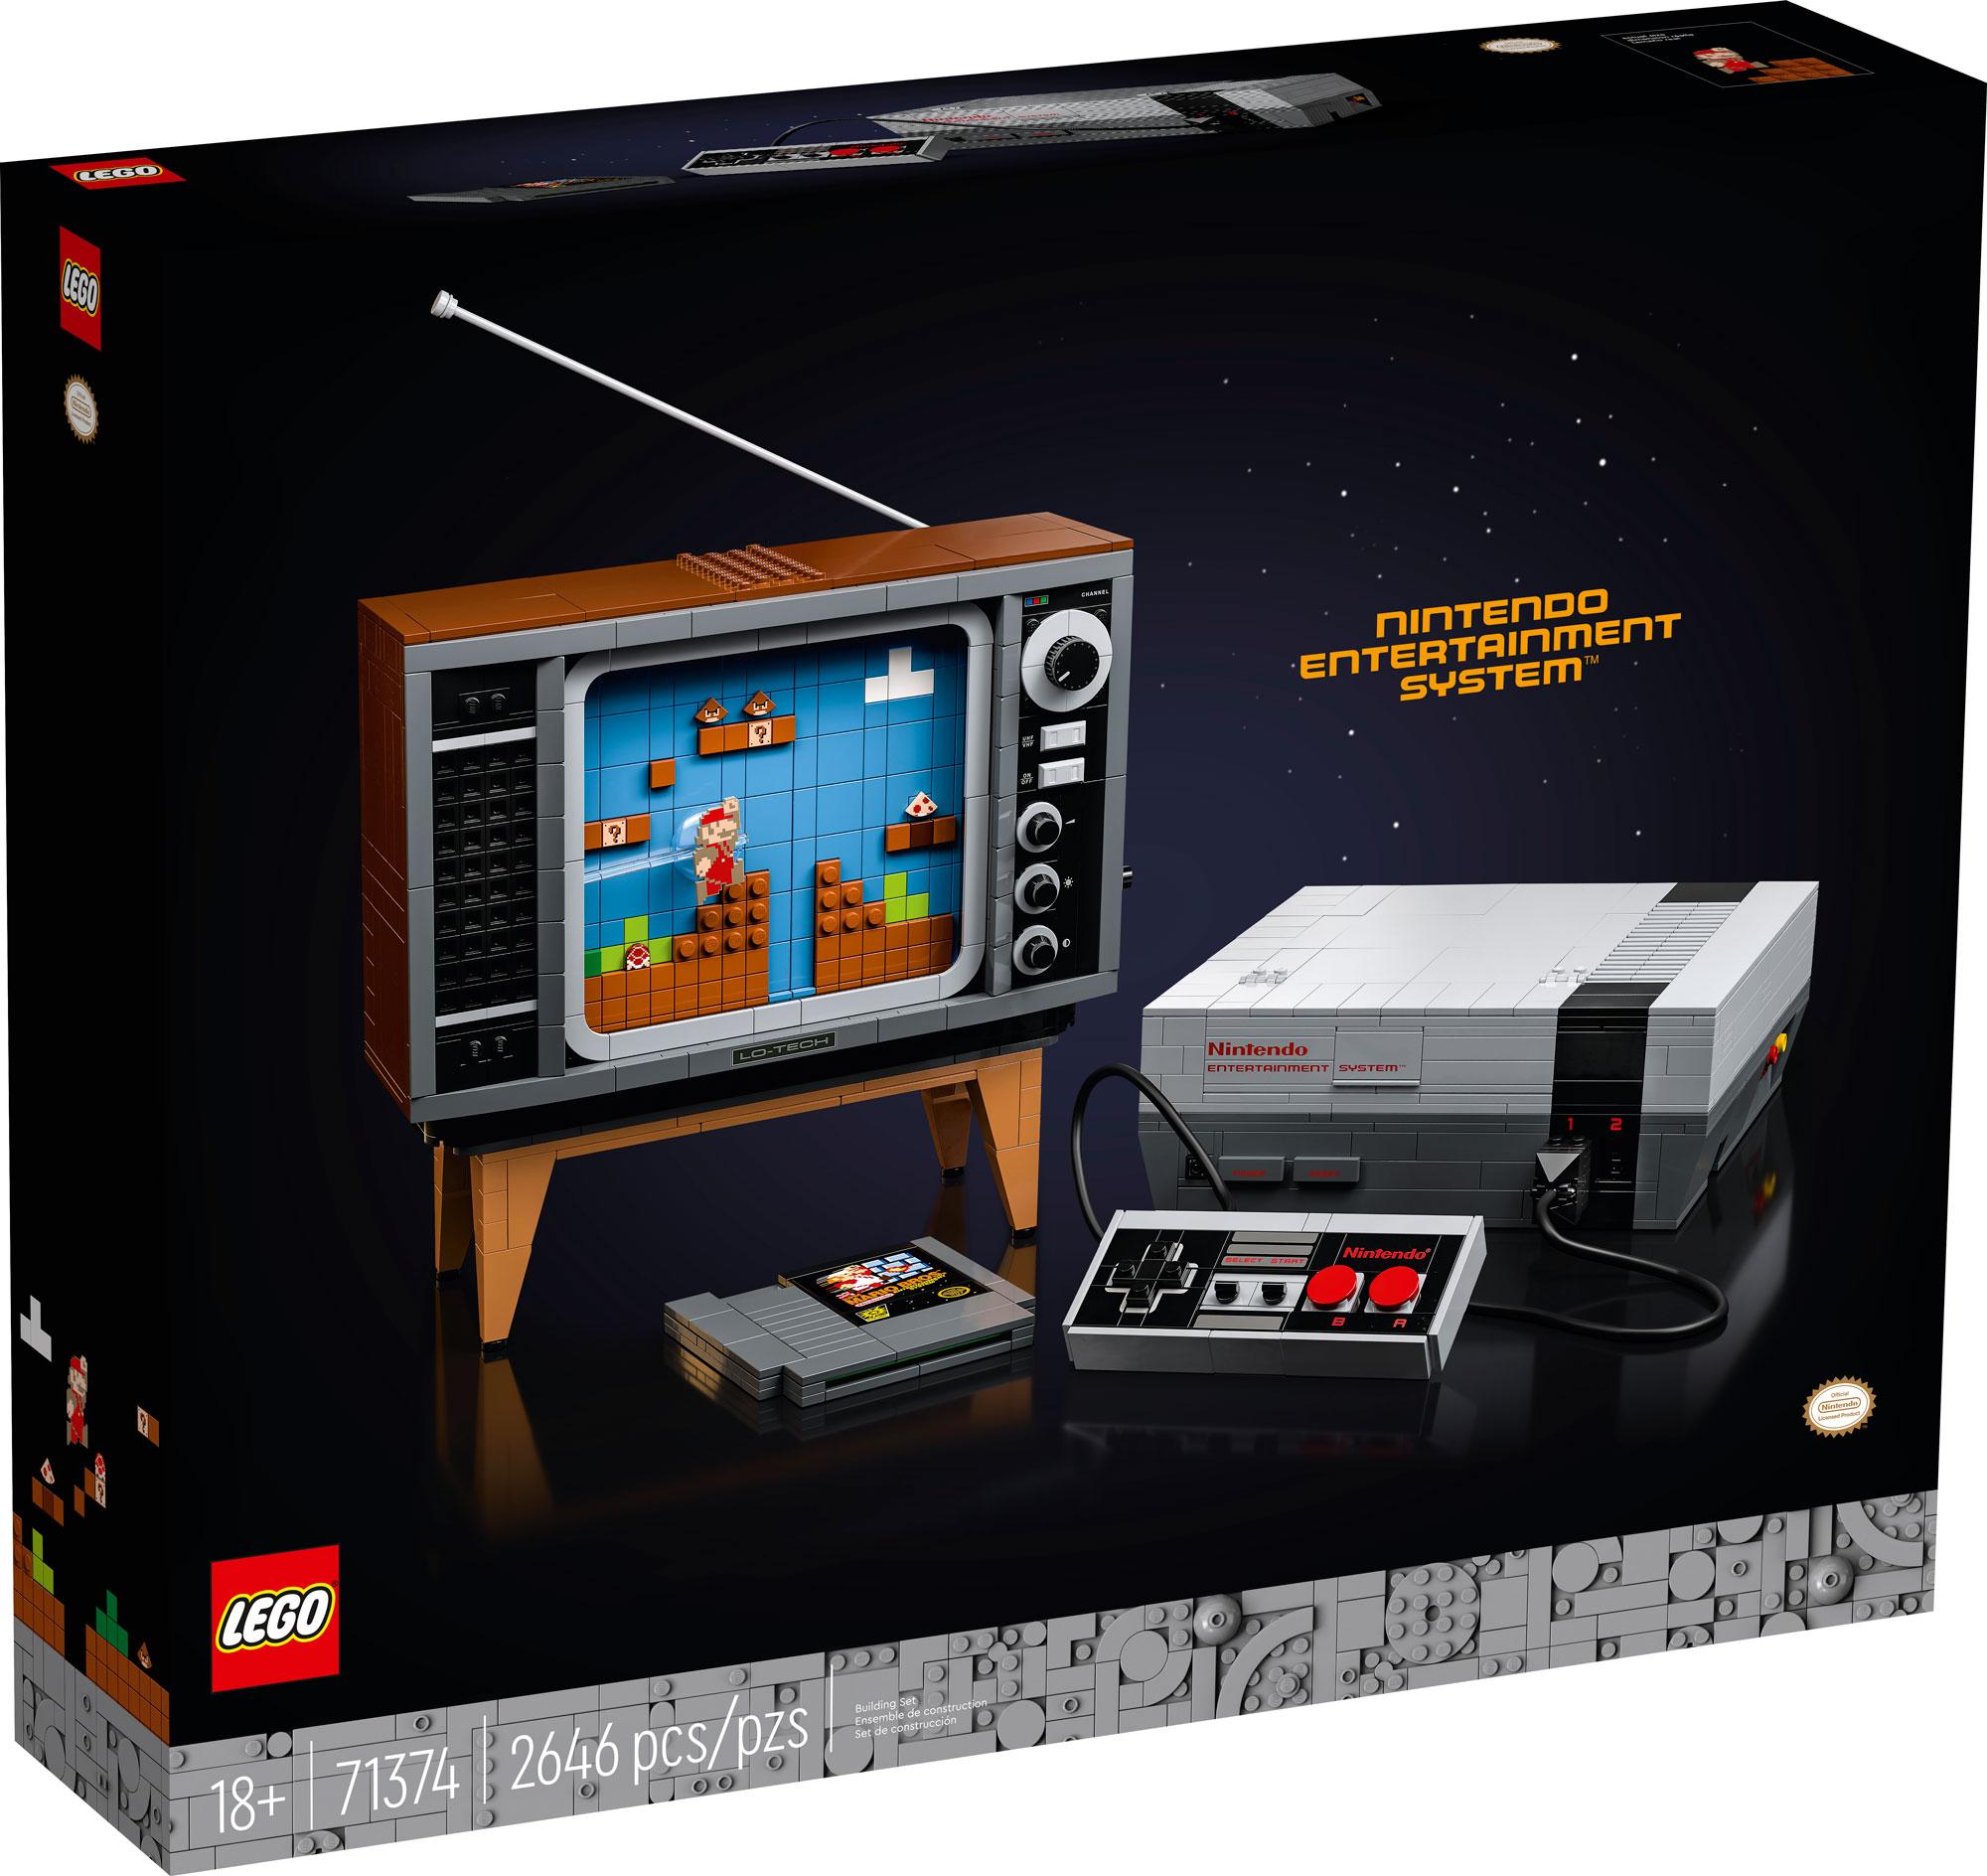 nes-lego-box